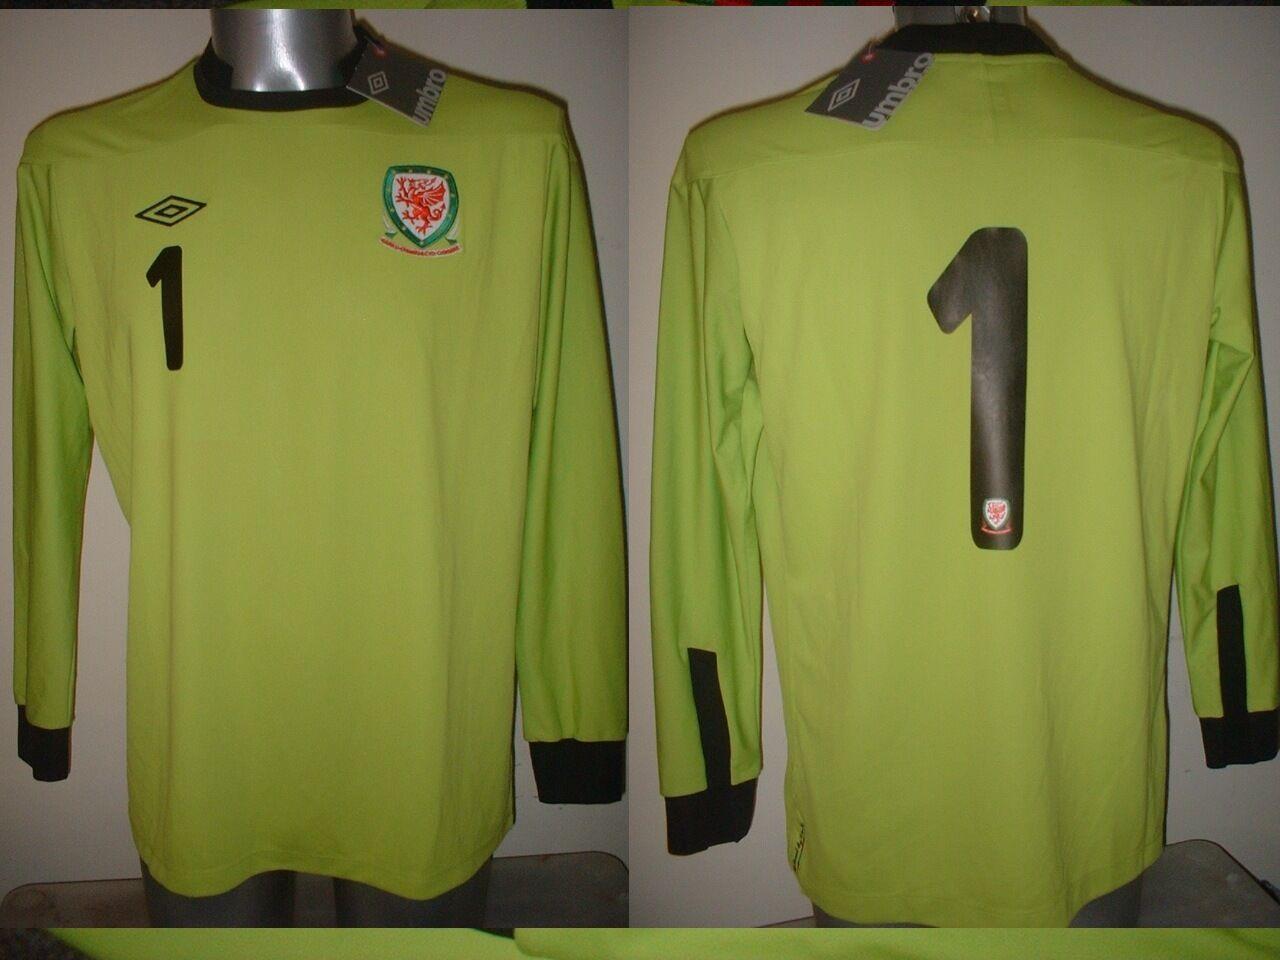 Galles portiere UMBRO M L XL BNWT Nuovo Maglia Jersey calcio in maglia top